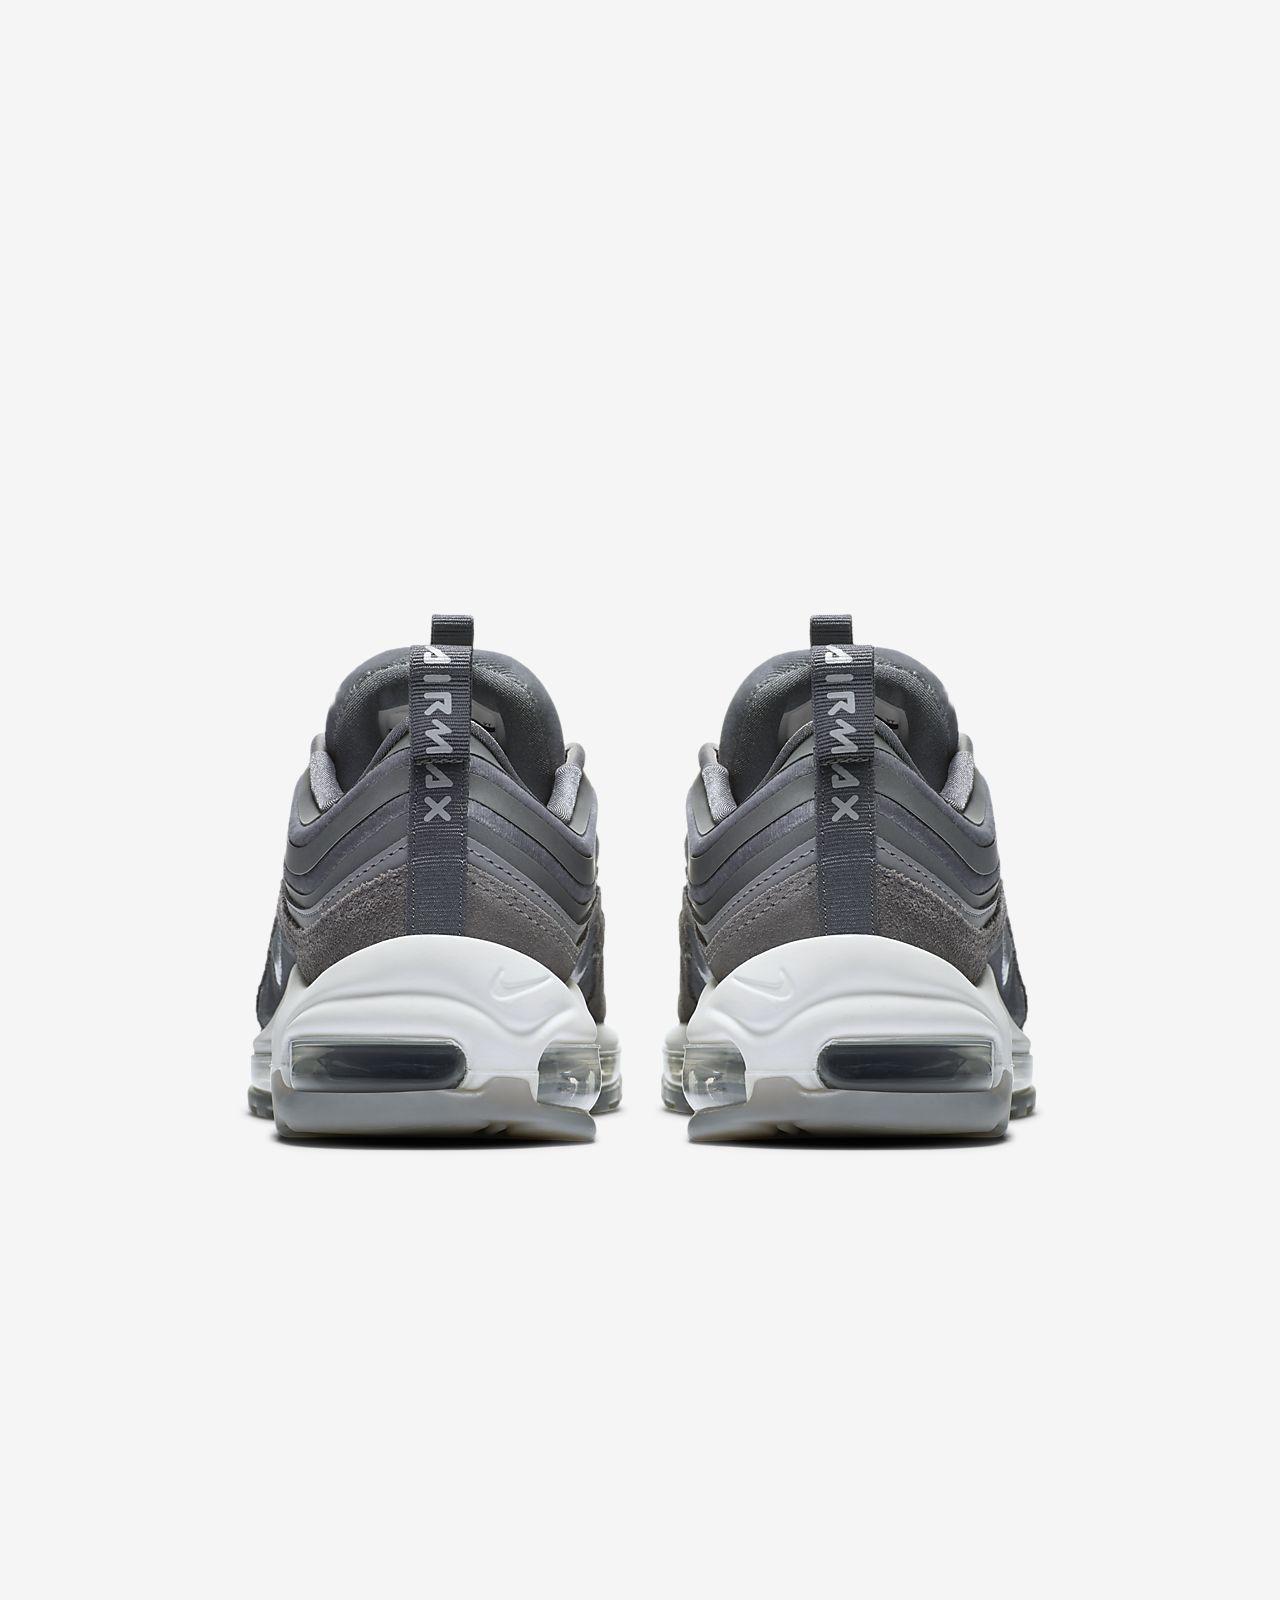 nike air max 97 ultra '17 women's shoe silver